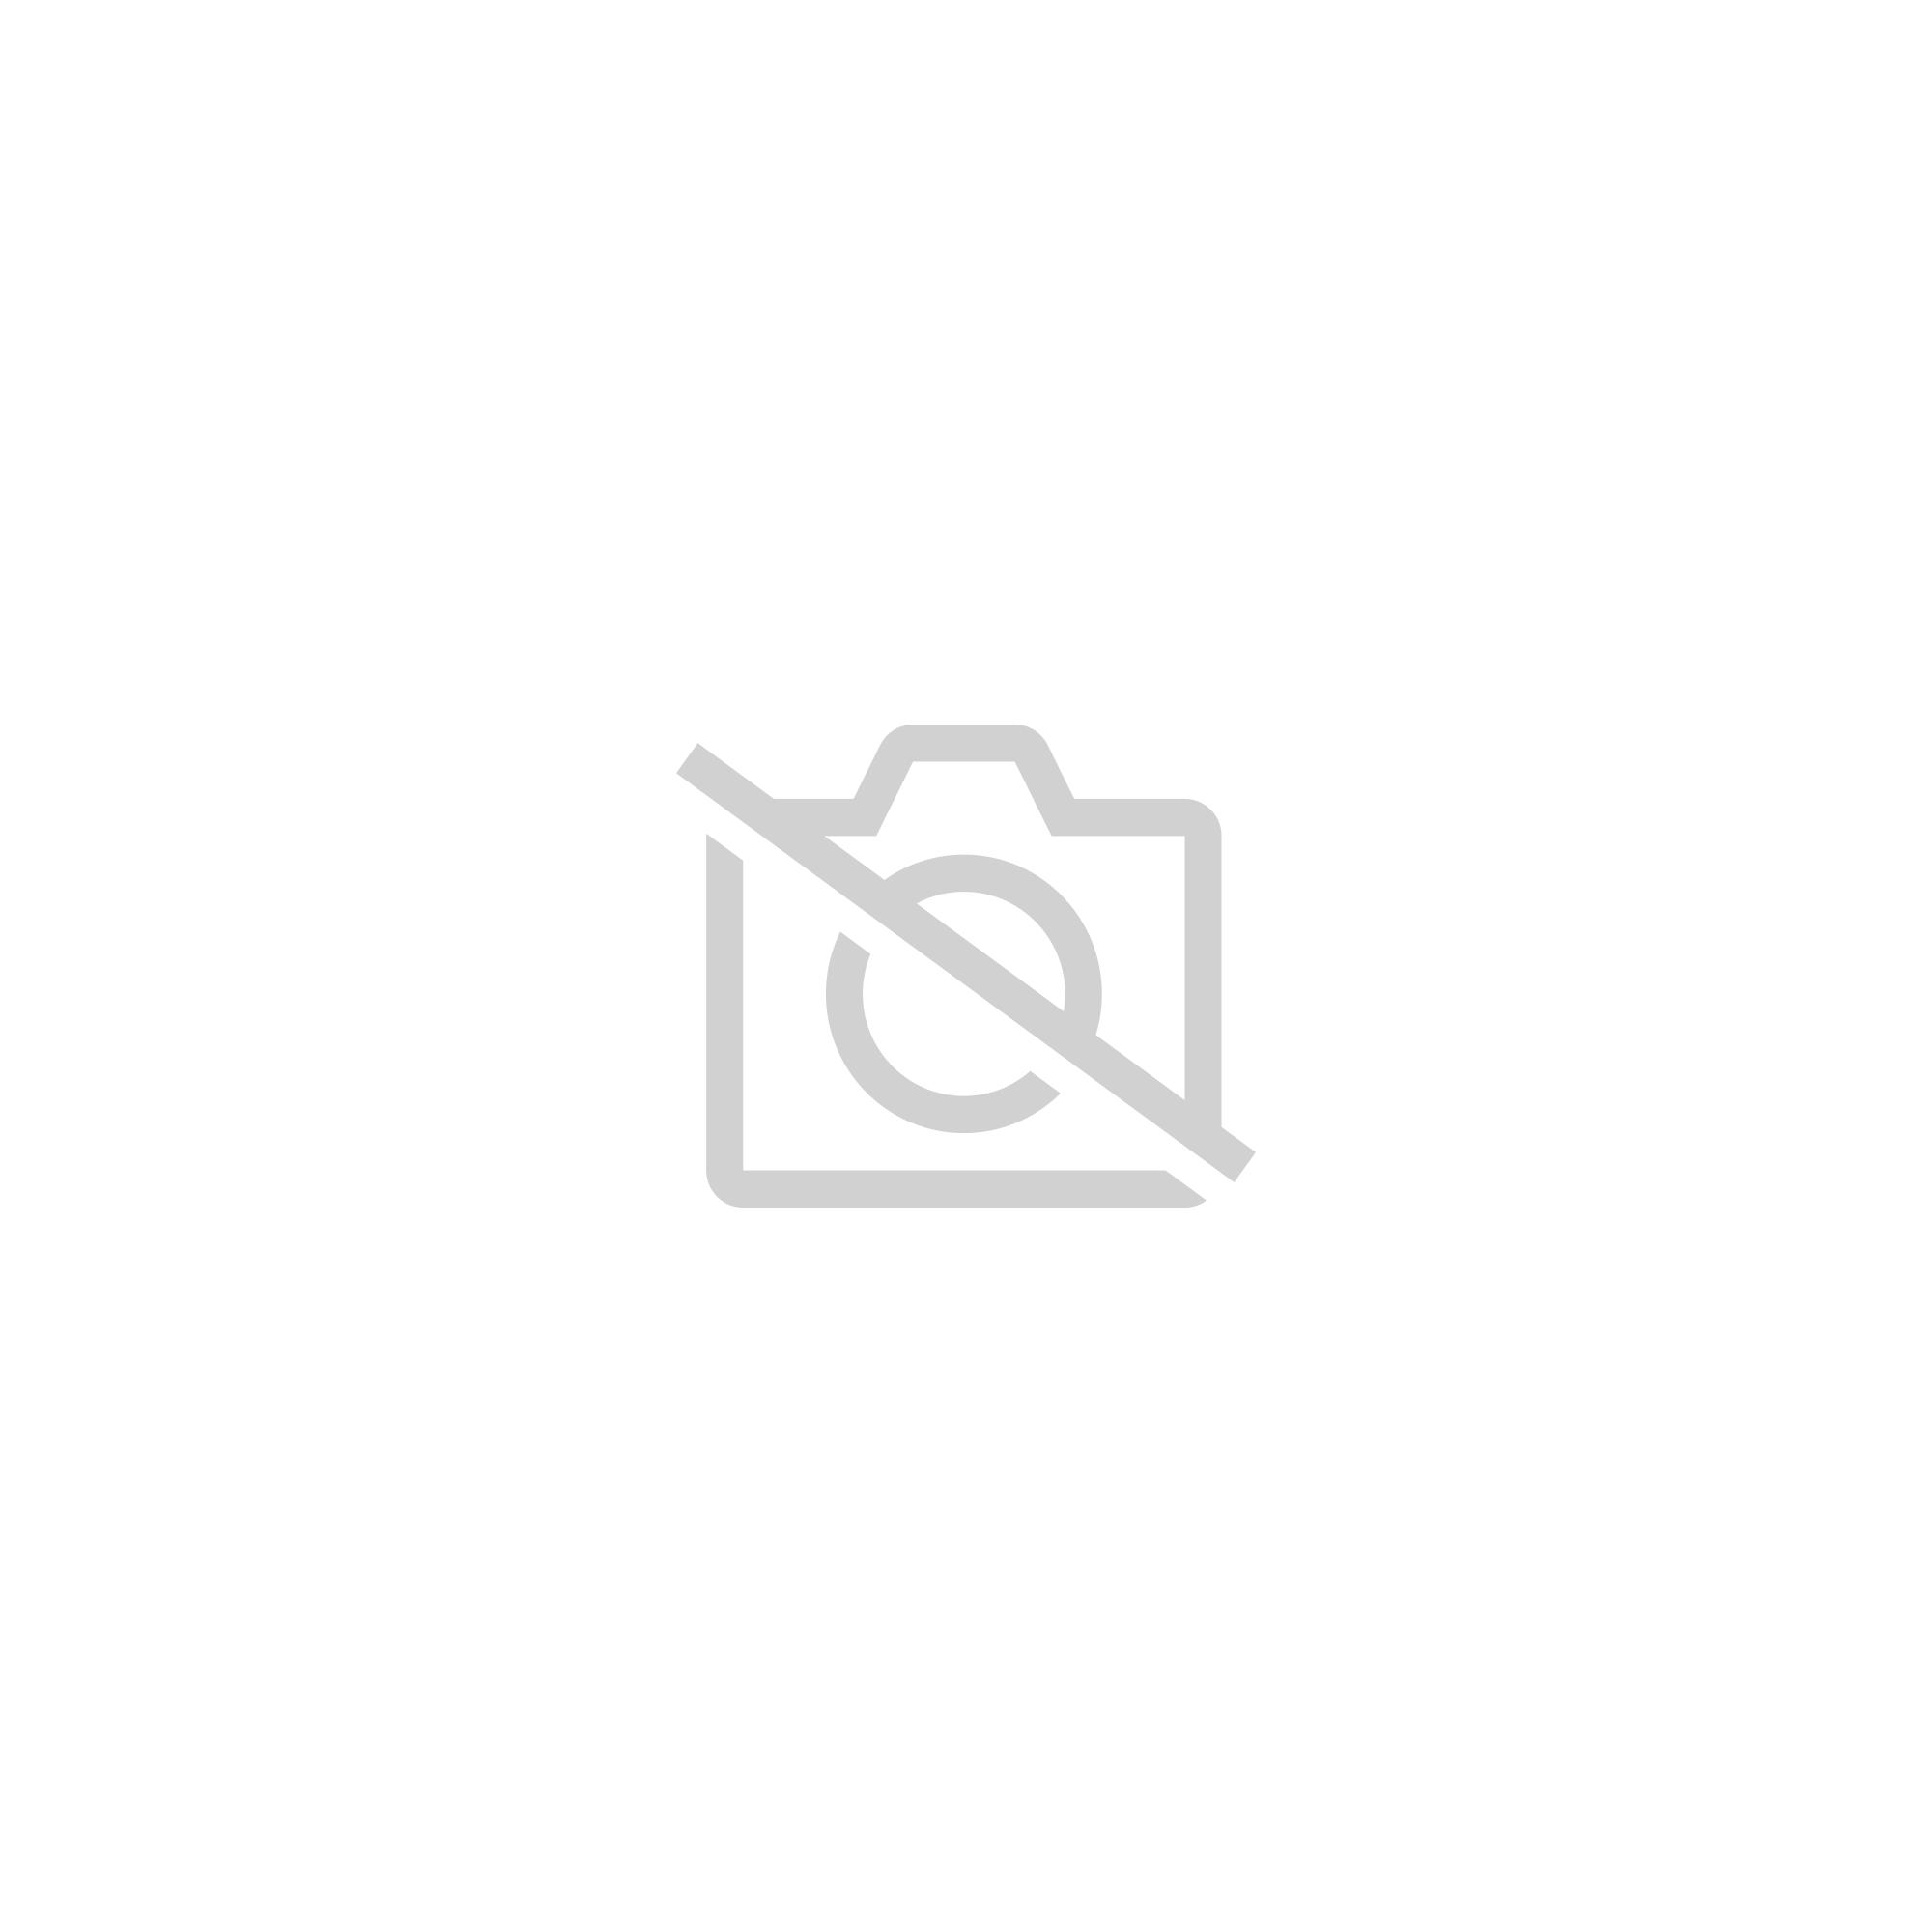 La Chambre Verte - François Truffaut - Jeu De 12 Photos Couleurs Complet -  1978 -